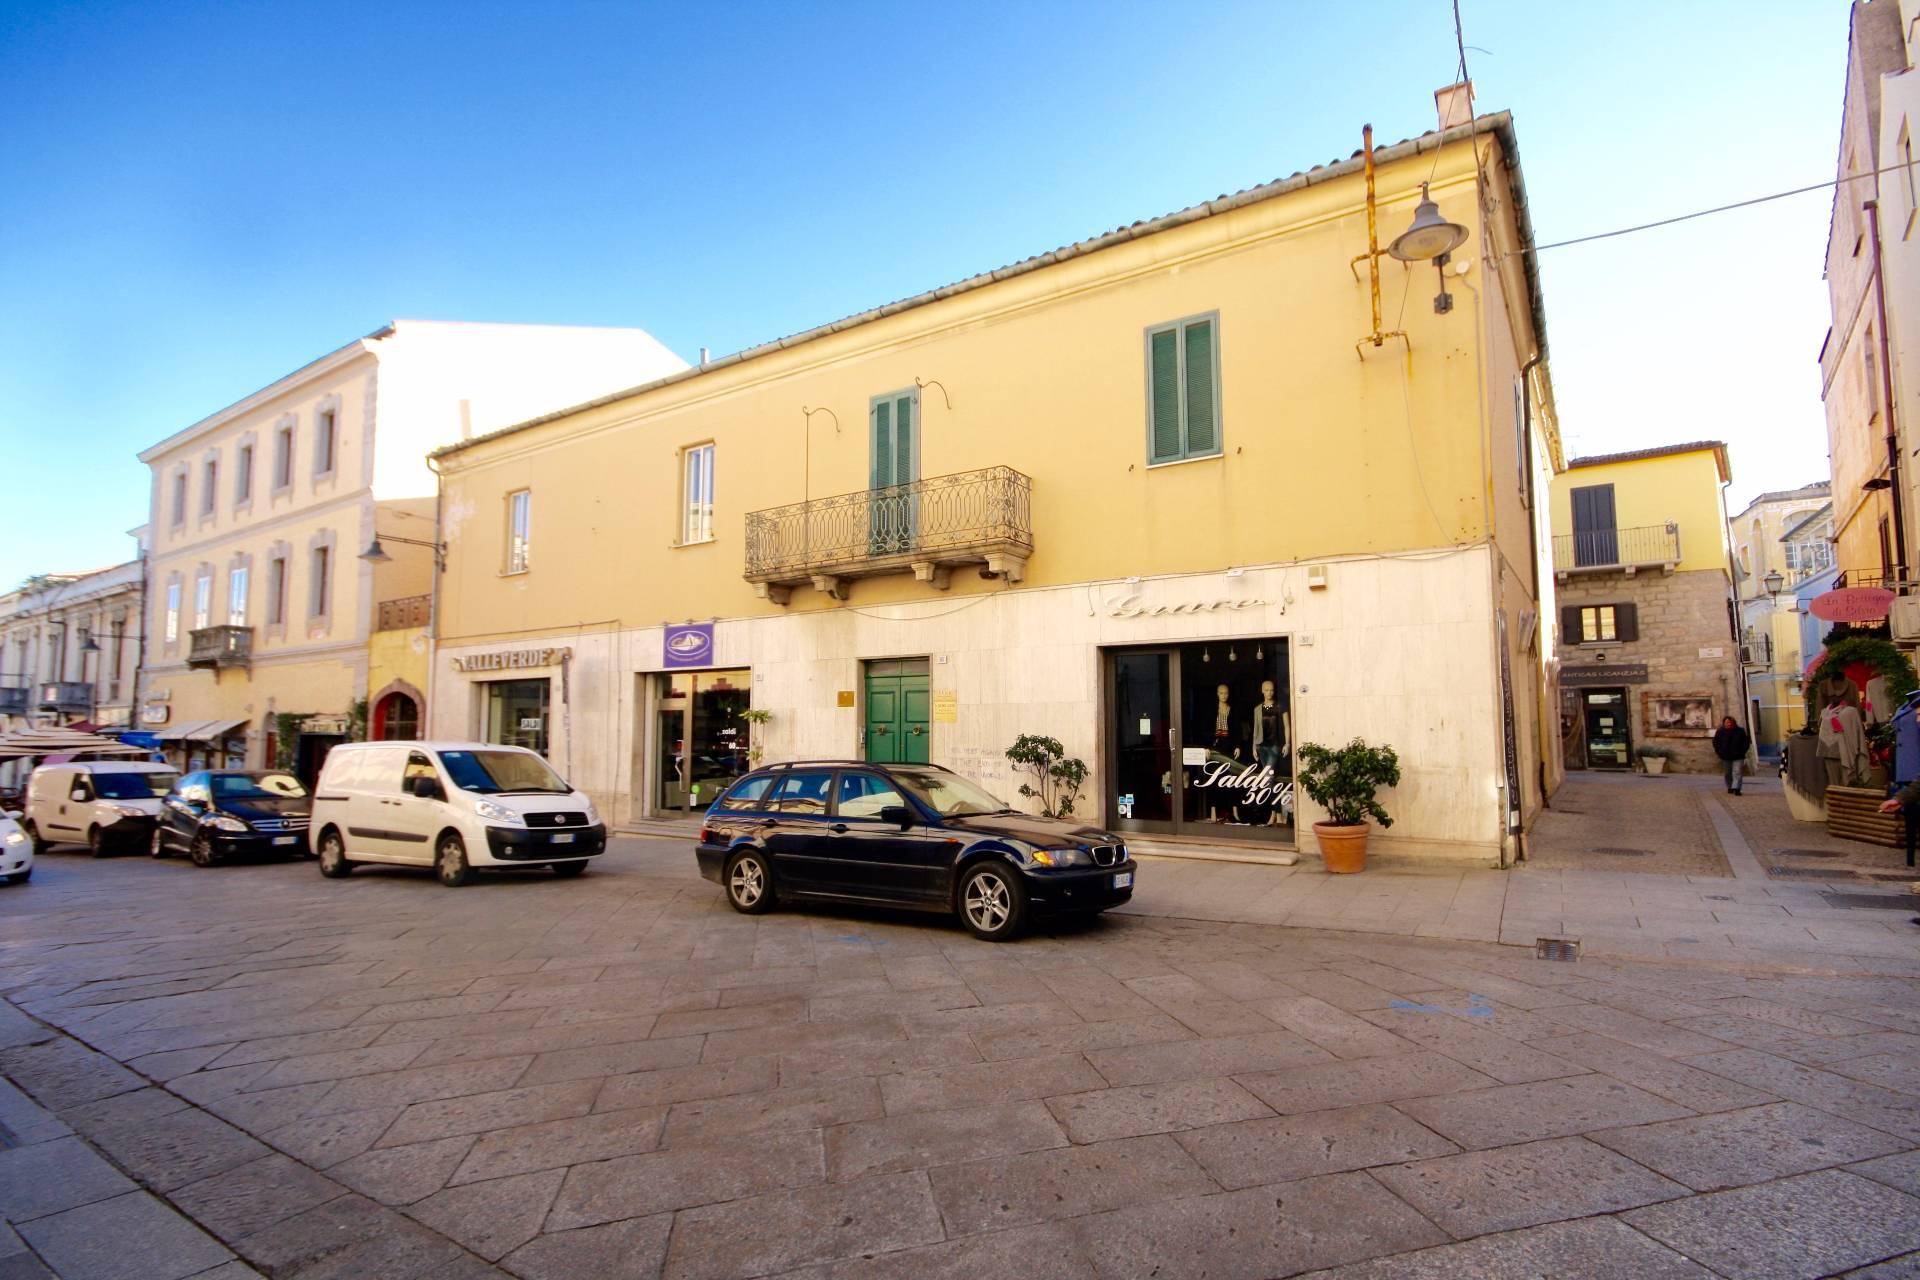 Negozio / Locale in affitto a Olbia - Porto Rotondo, 9999 locali, zona Località: Olbiacittà, prezzo € 3.500 | CambioCasa.it